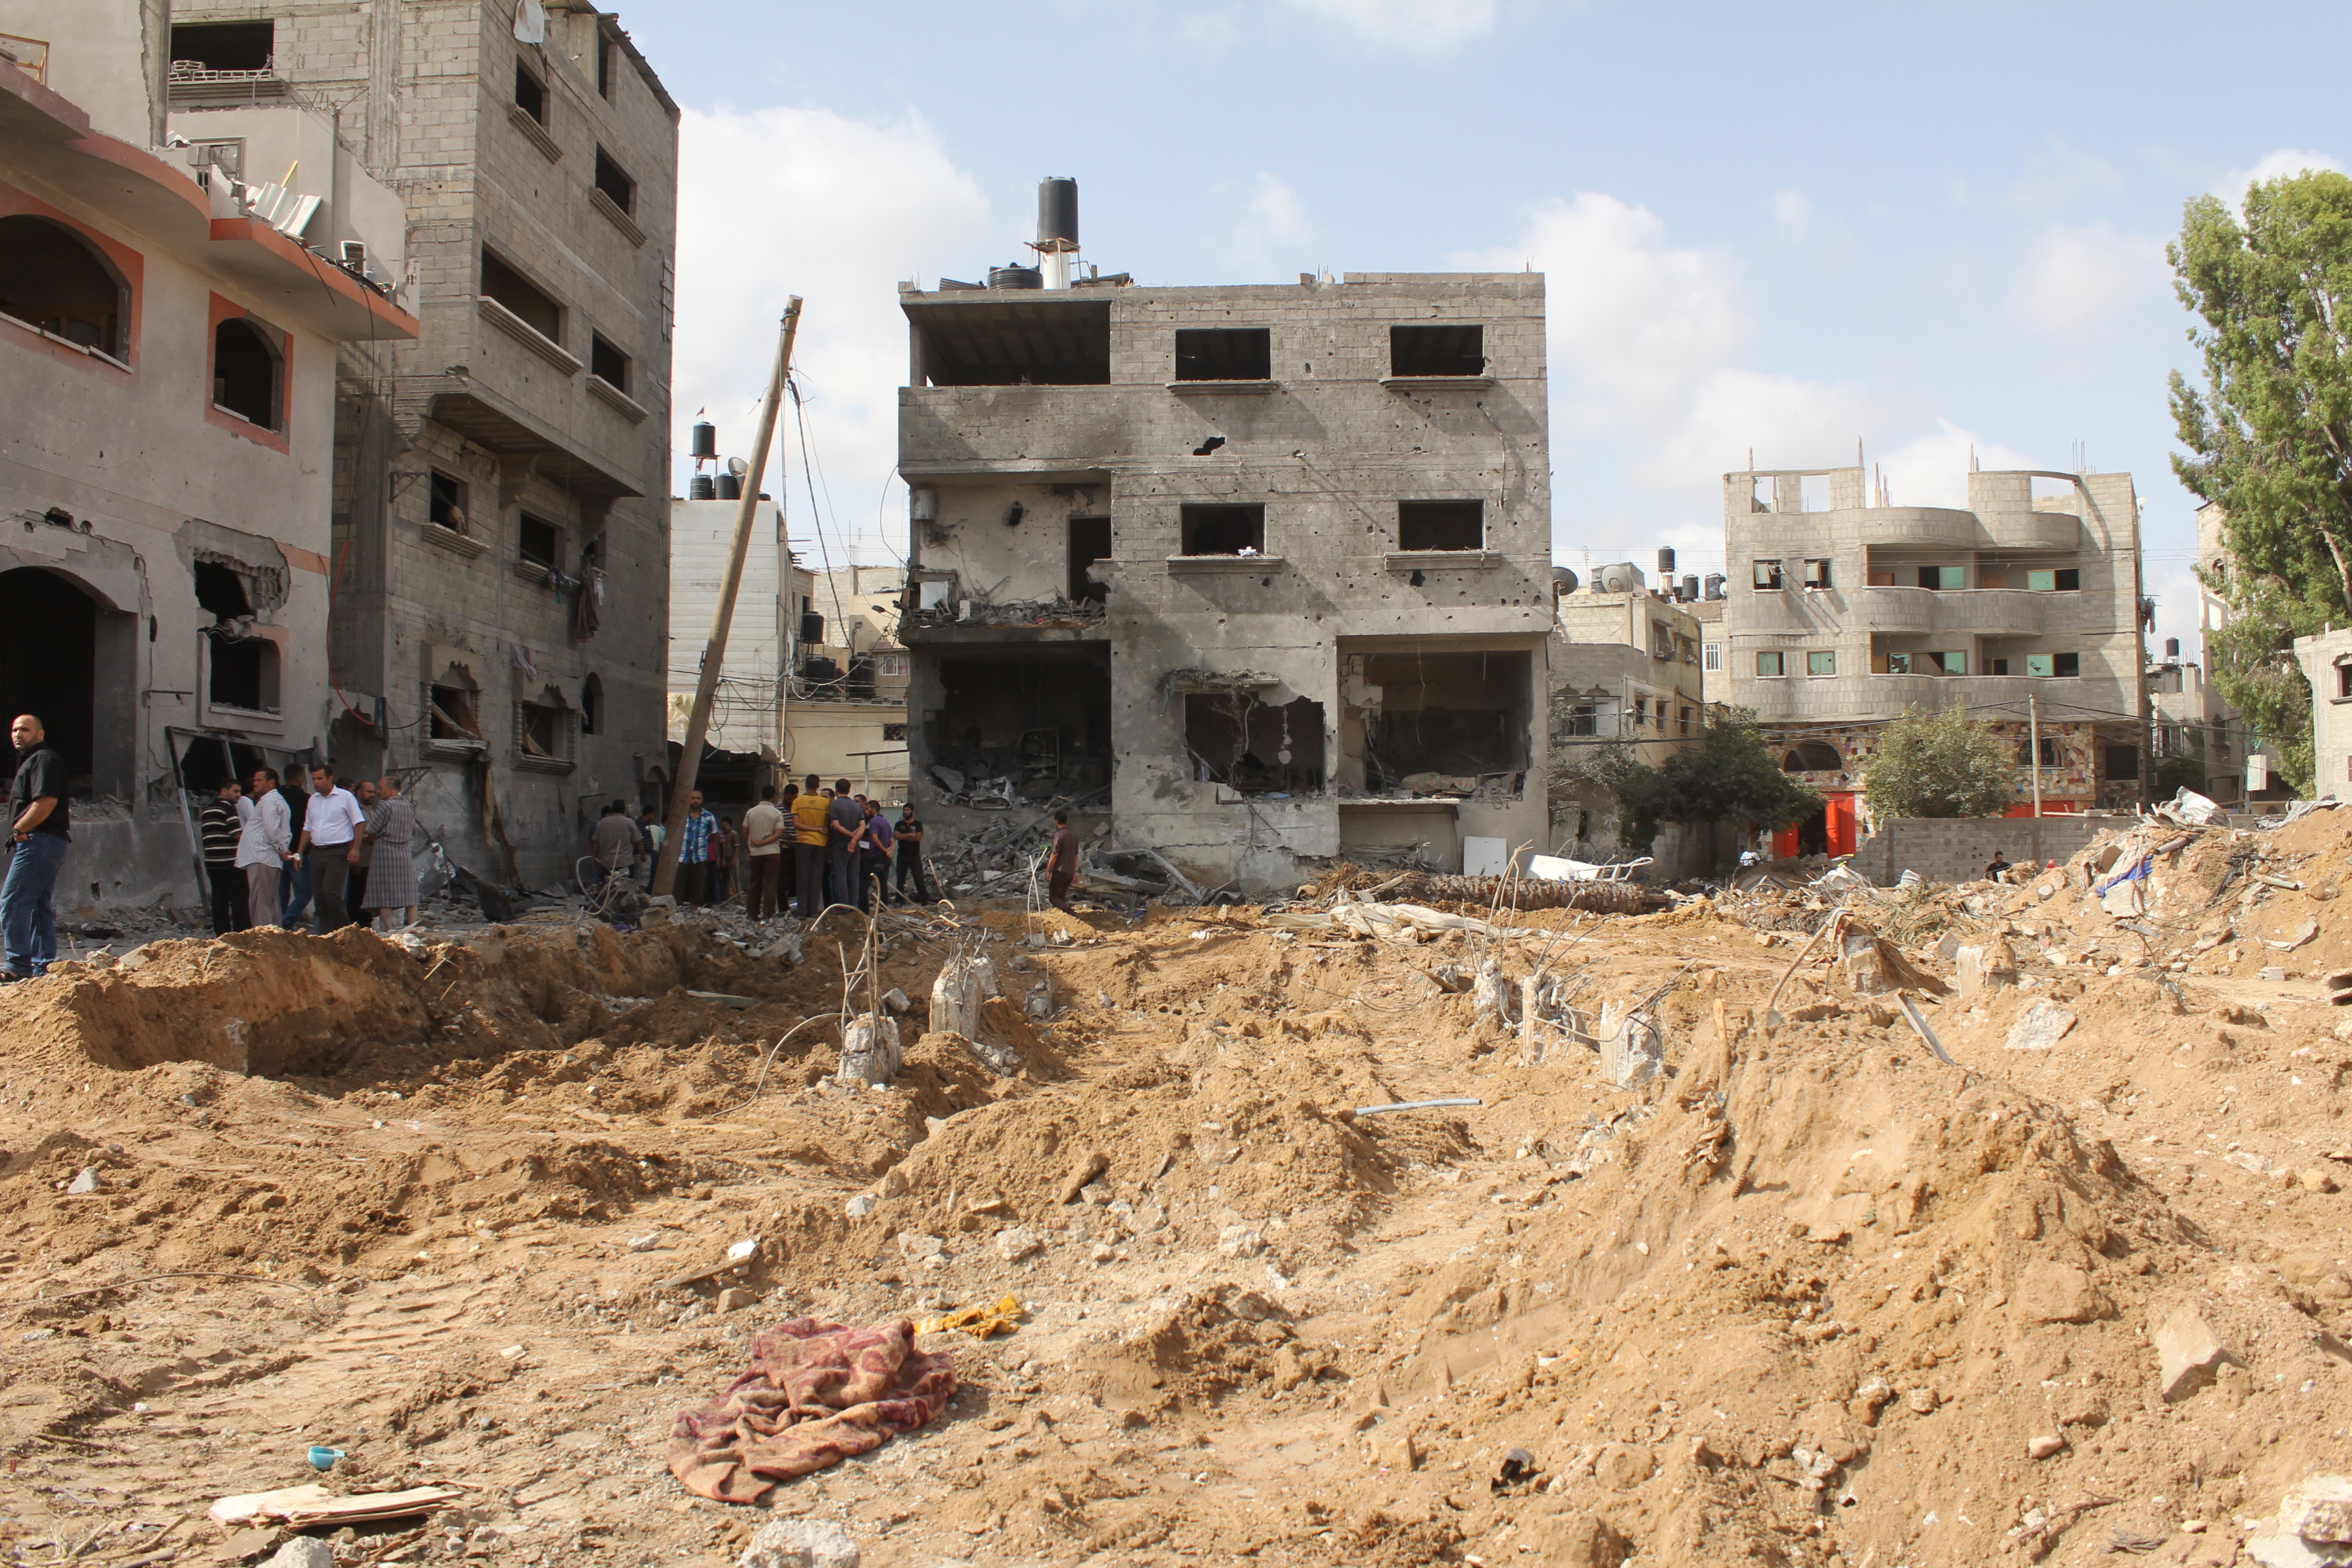 Bombardement de la maison d'un des chef du Hamas. Ce chef a survécu mais 18 membres de la famille sont morts dans la frappe. Gaza, 10 juillet 2015 www.merblanche.com all rights reserved